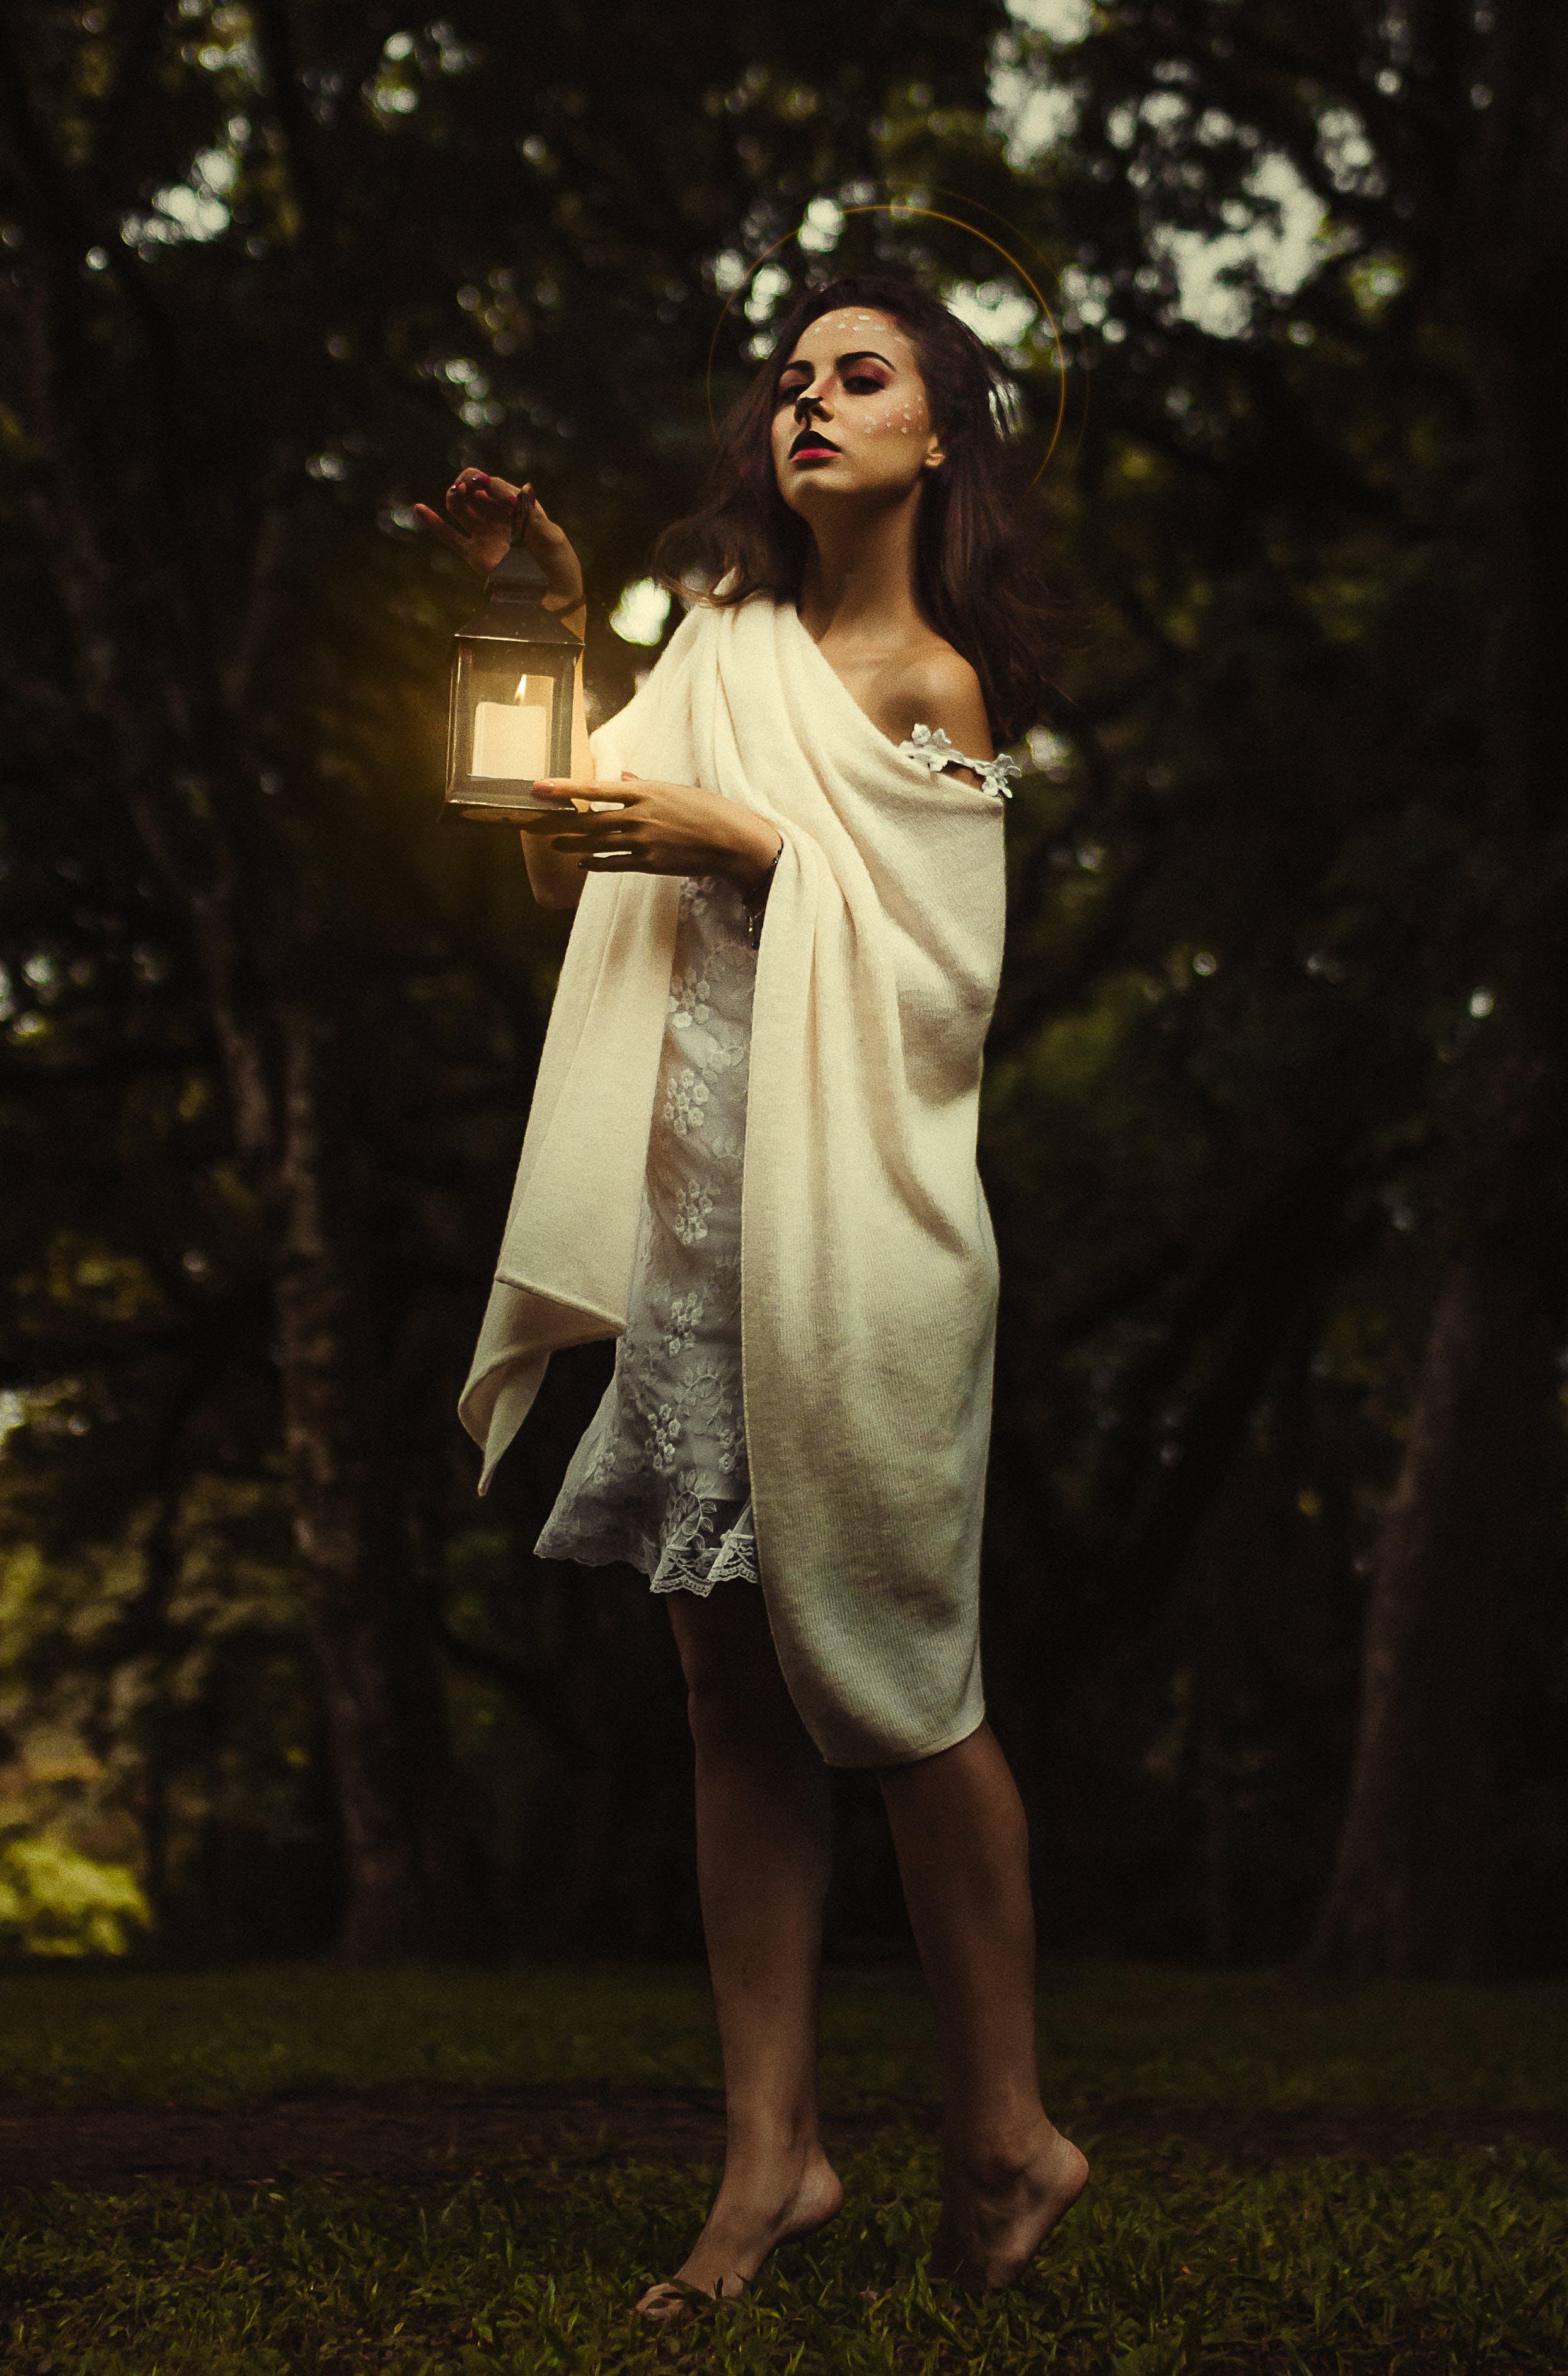 Kostenloses Stock Foto zu auf zehenspitzen, dunkel, fantasie, fashion